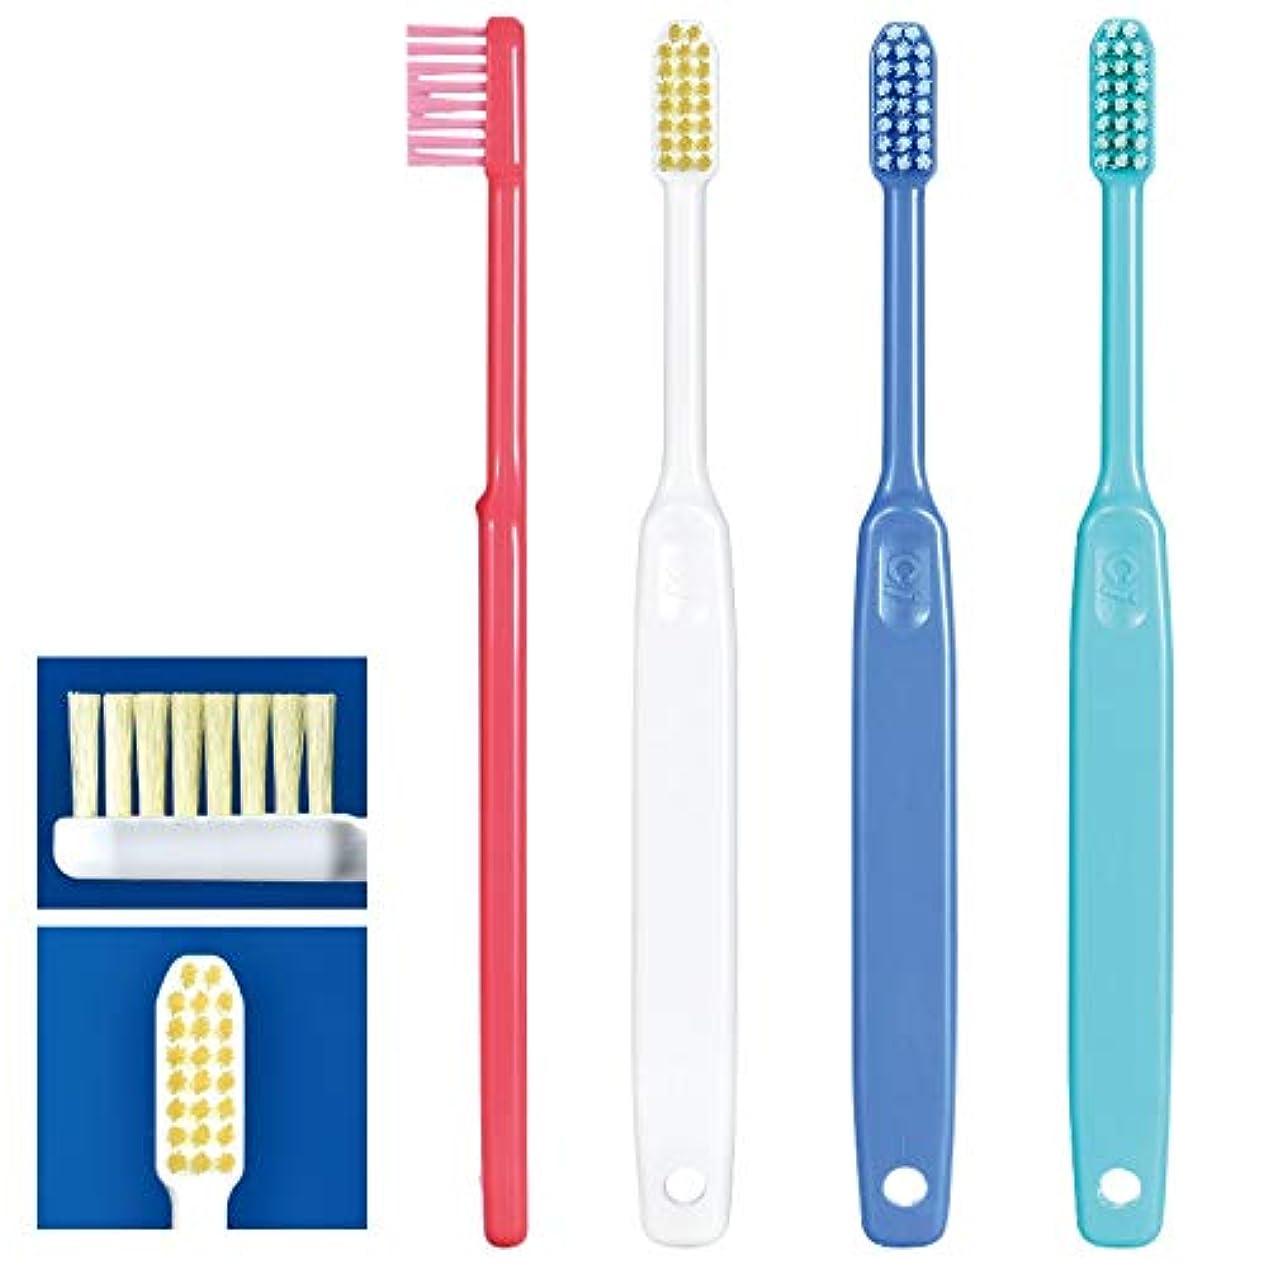 放散するスナップ時々Ci20カラー歯ブラシ 20本 MS(やややわらかめ) 日本製 カラー毛 高密度植毛 歯科専売品